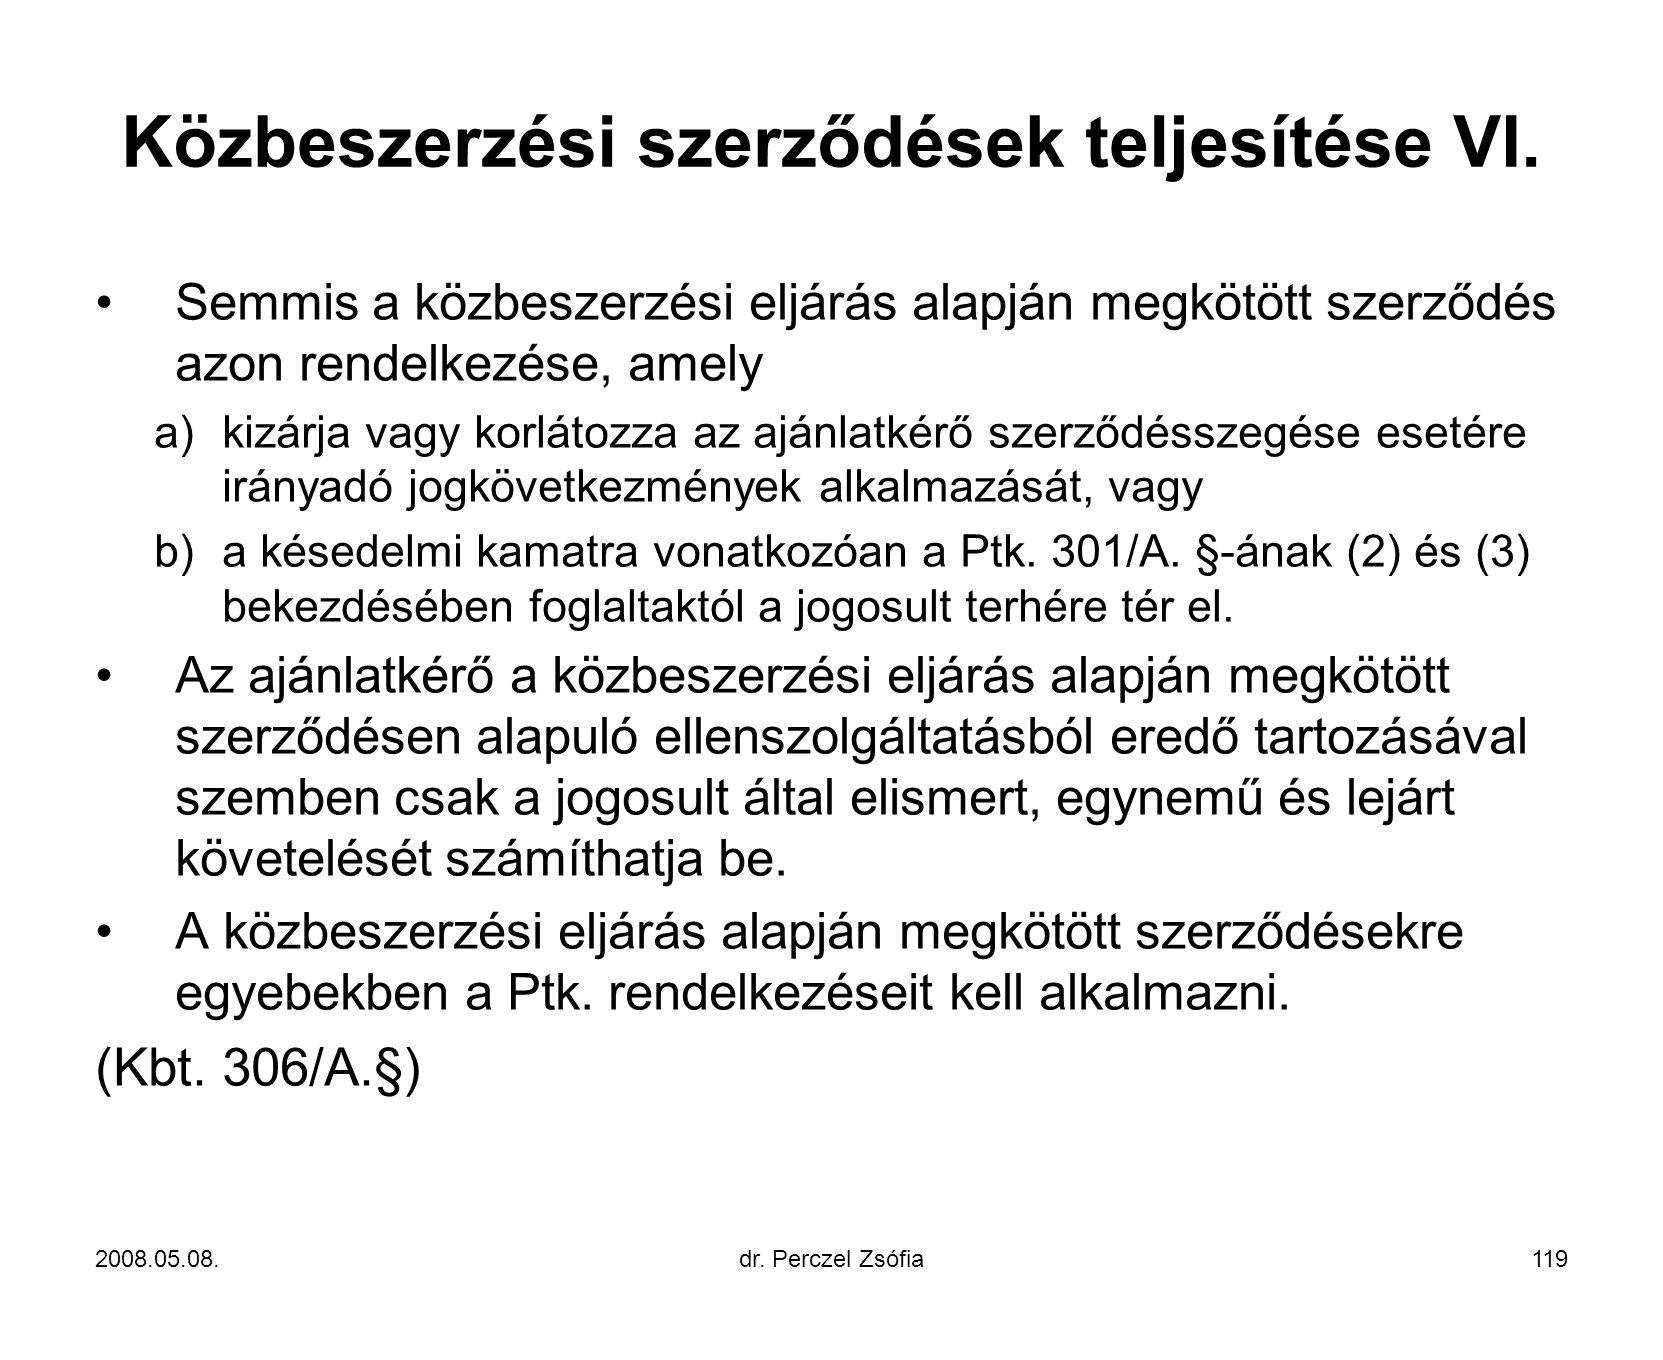 Közbeszerzési szerződések teljesítése VI.